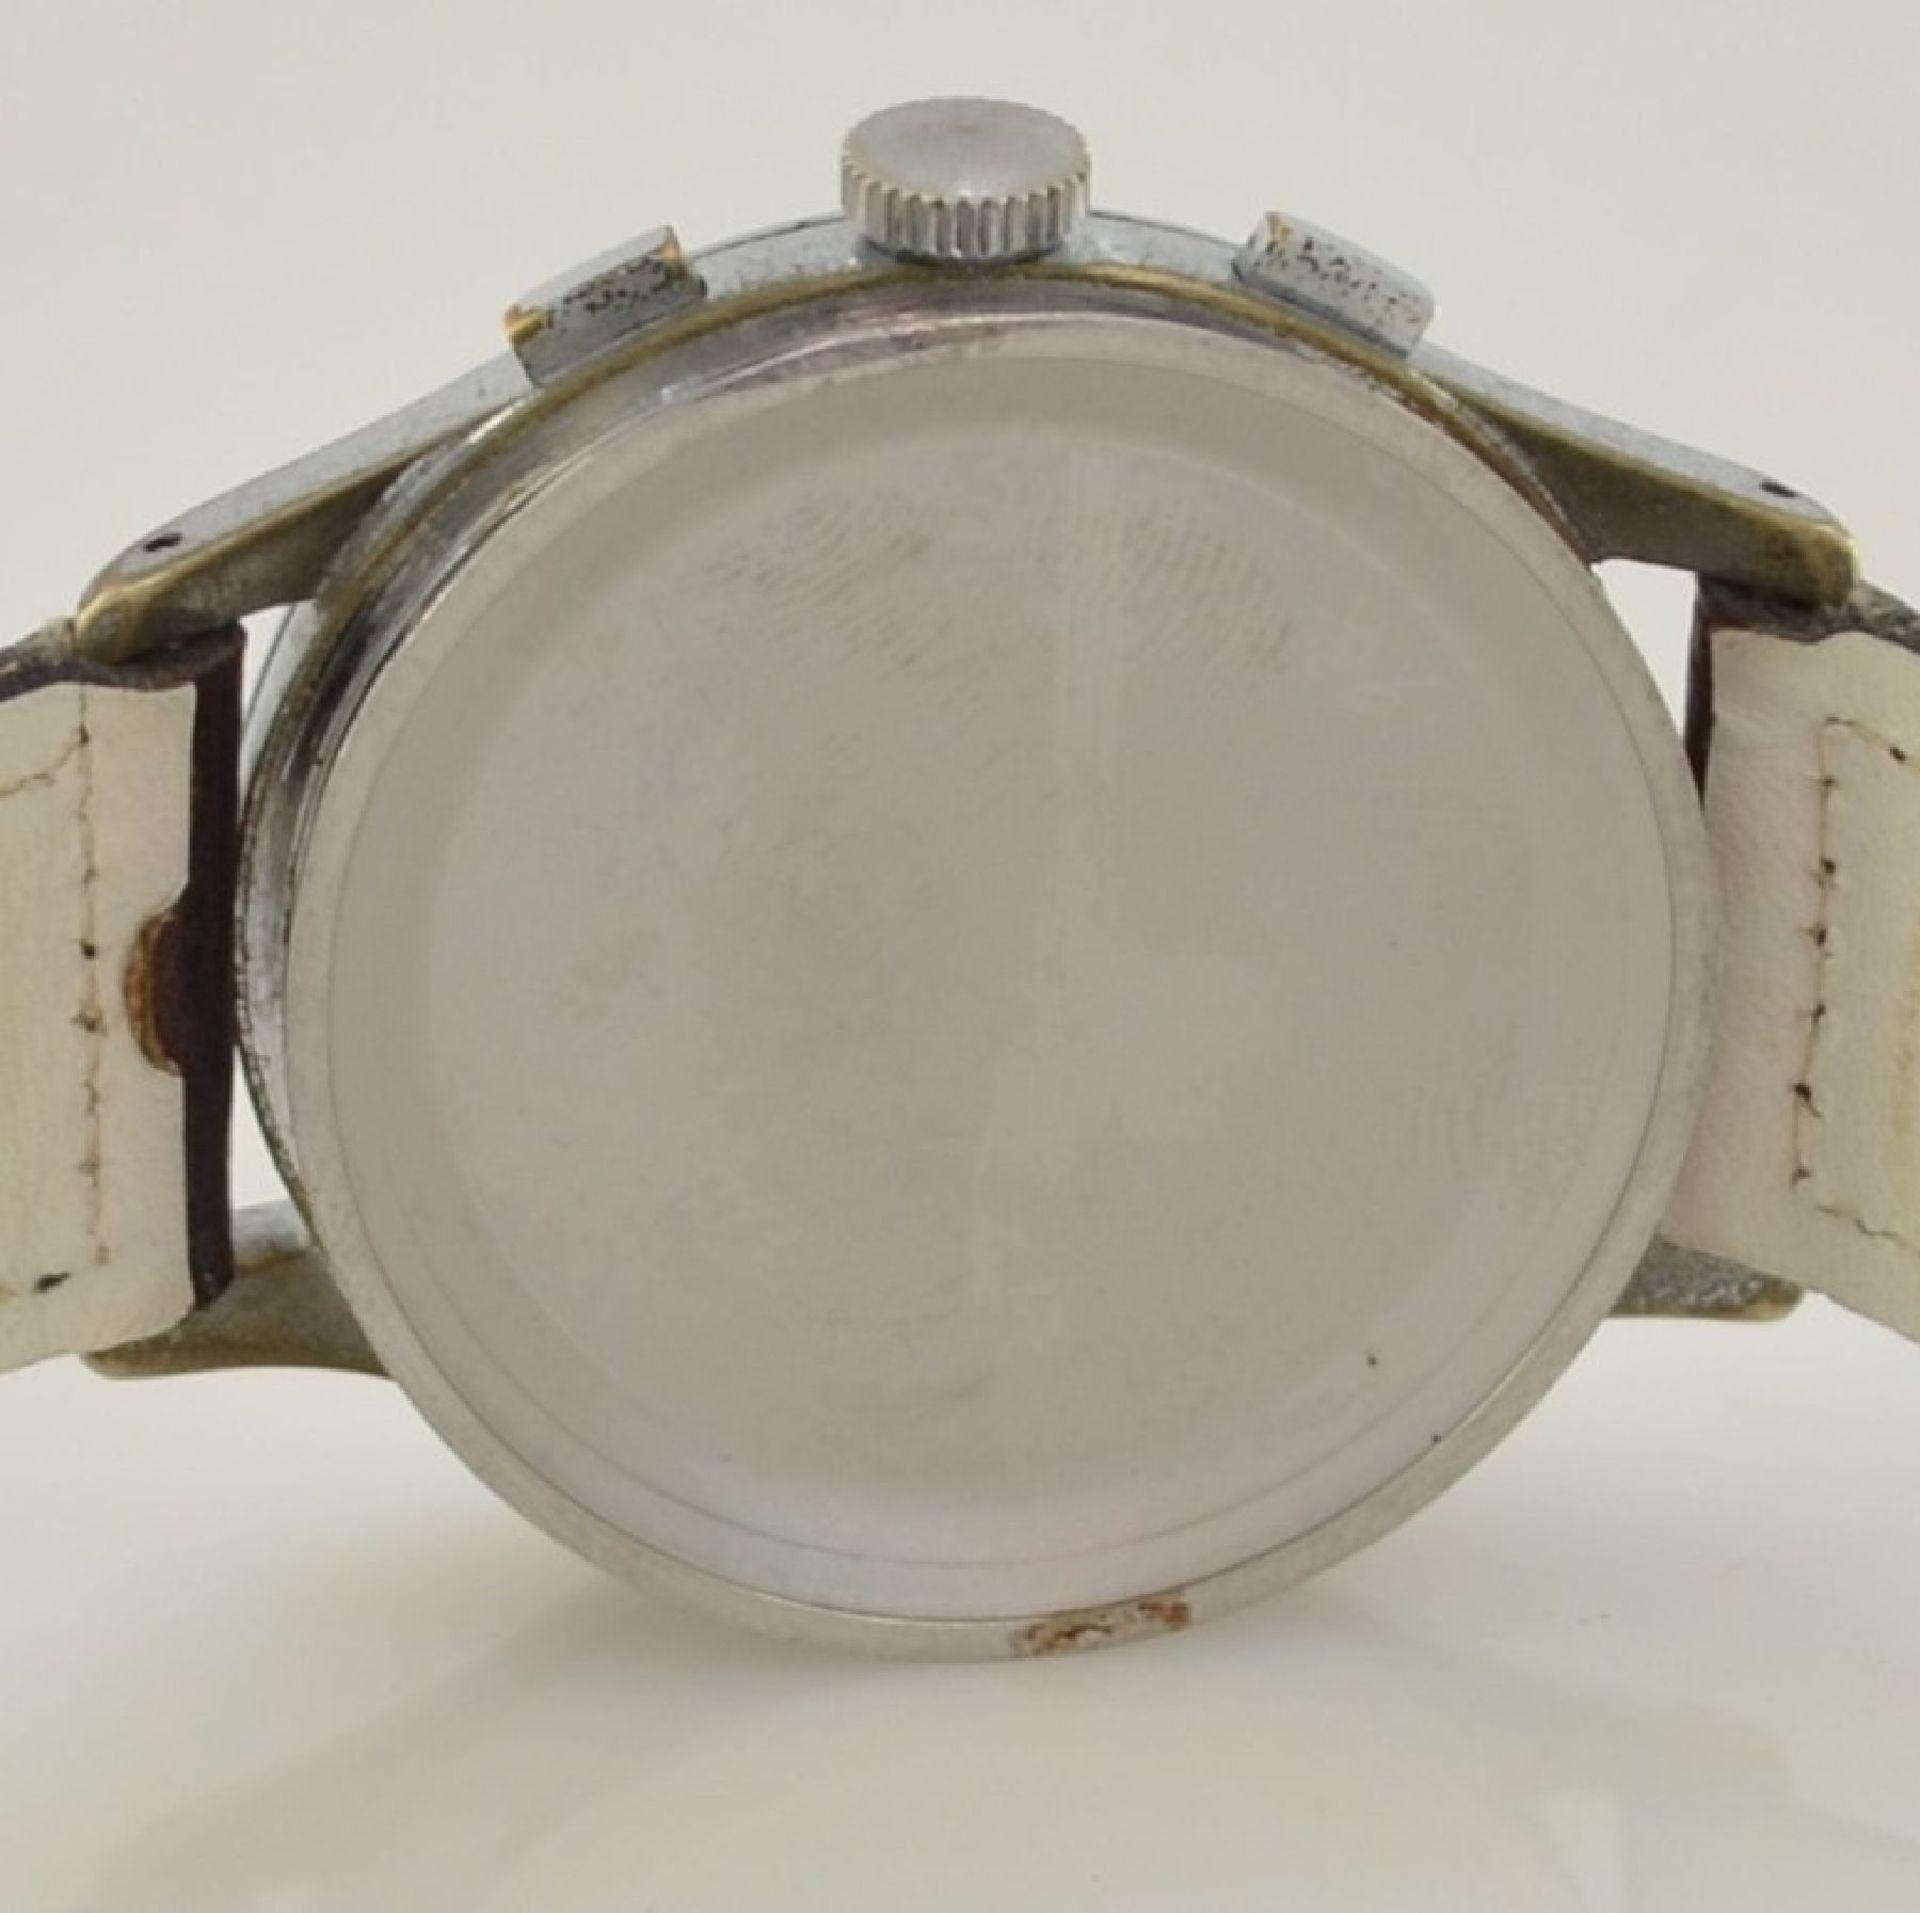 AVIA Armbandchronograph, Handaufzug, Schweiz für den dtsch. Markt um 1940, verchr. Metallgeh. - Bild 10 aus 10